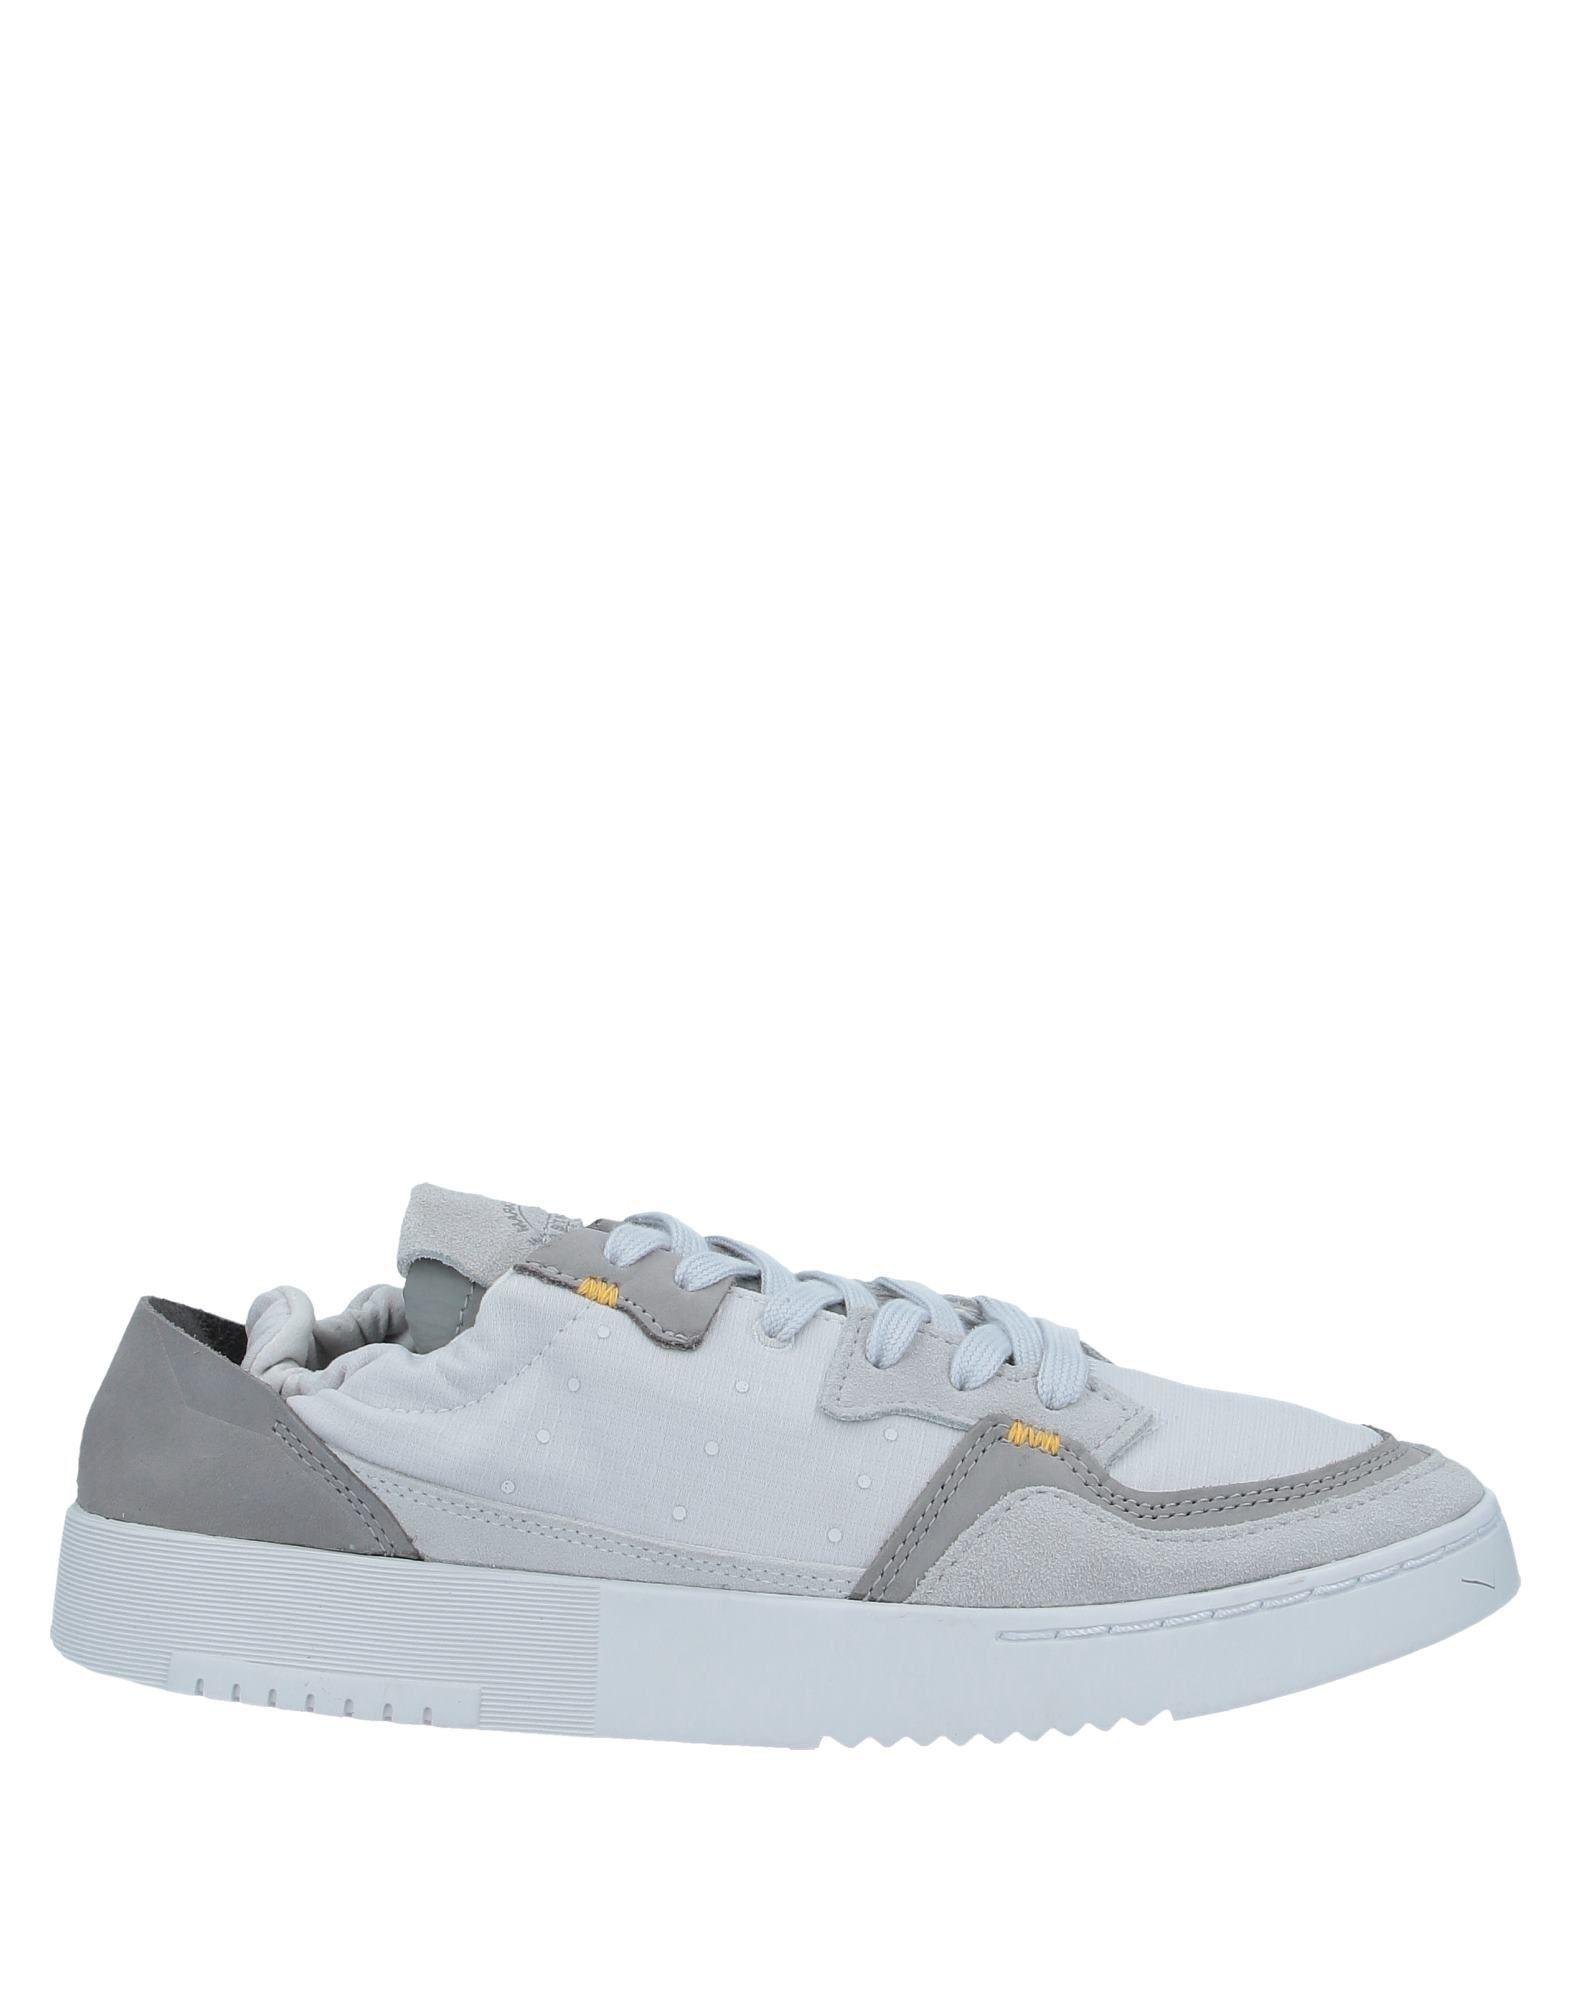 Фото - ADIDAS ORIGINALS x BED J.W. FORD Кеды и кроссовки мужские кеды adidas originals x wales bonner nizza low